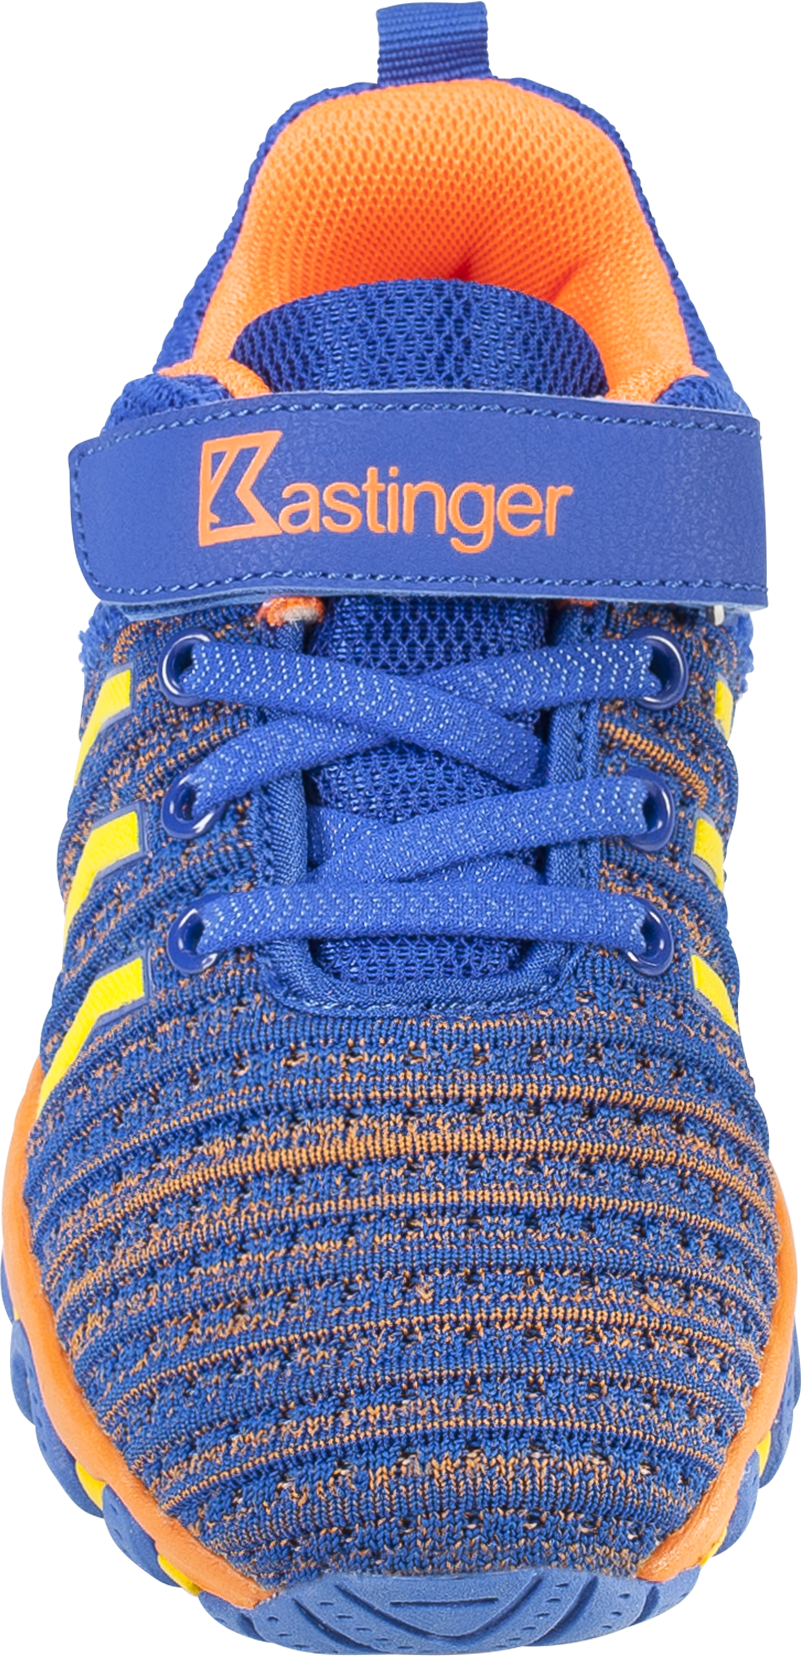 kastinger_22520-435_Colouer_vorne